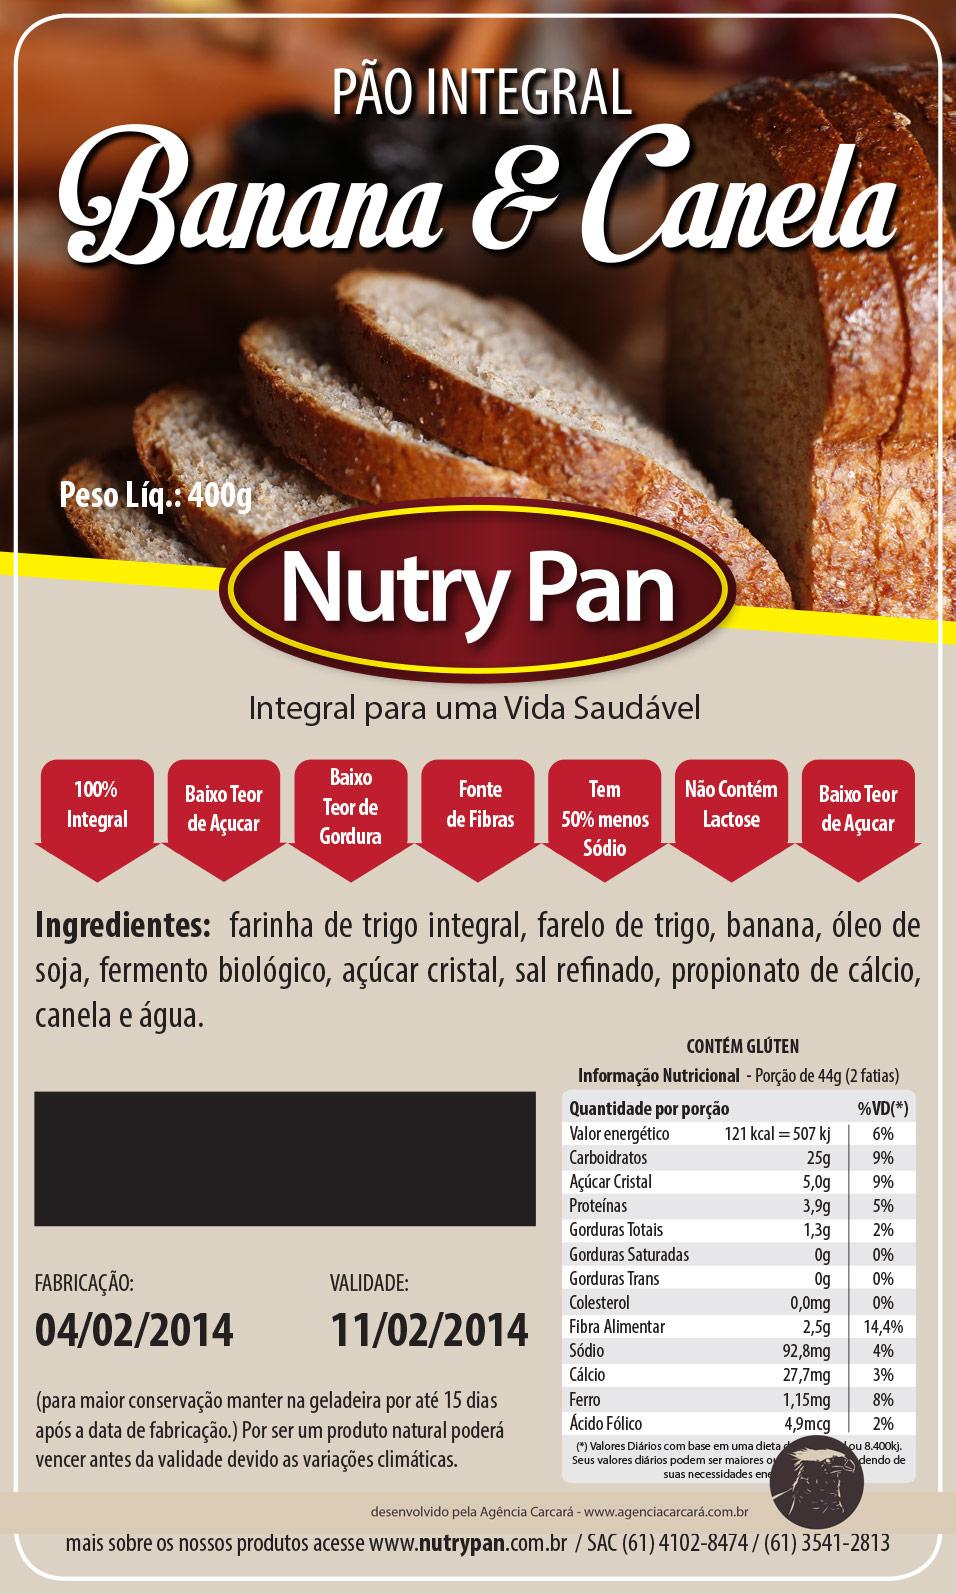 A-importância-da-embalagem-para-um-produto-ou-marca-nutrypan-branding-4